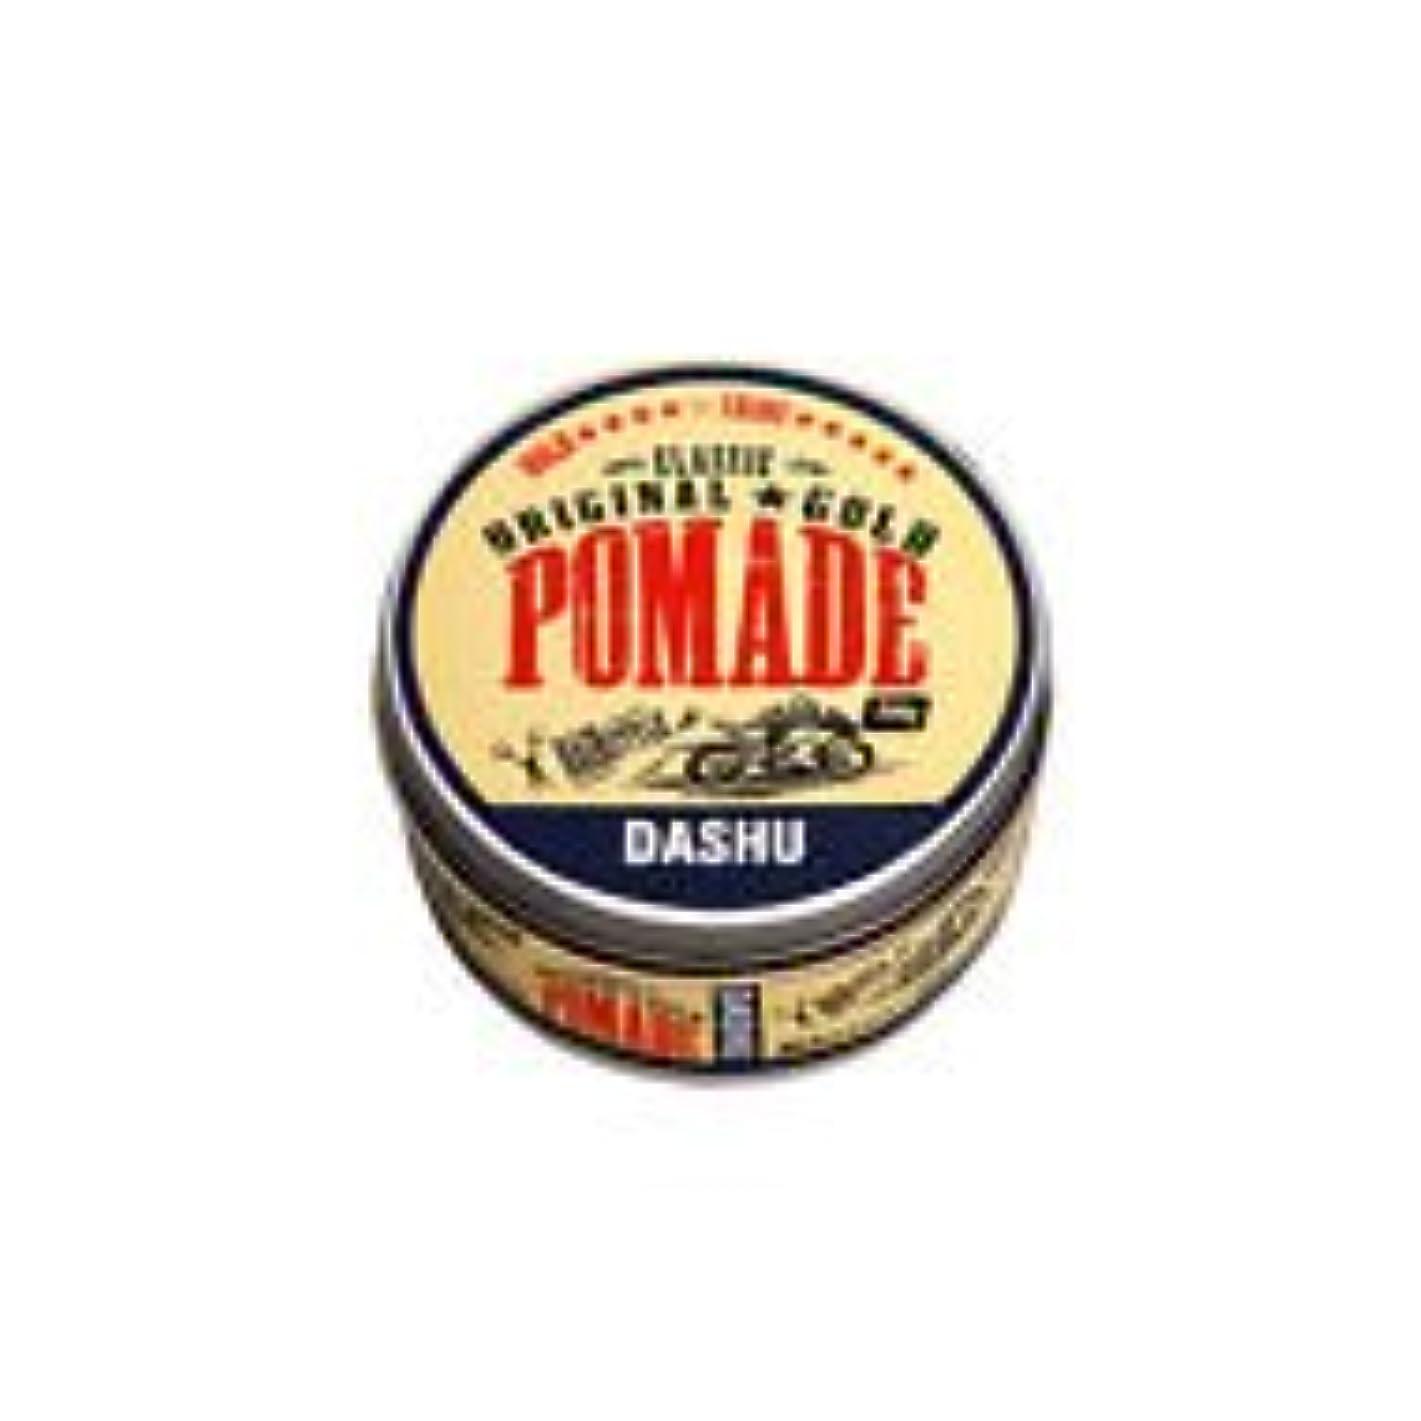 満足させる隠つなぐ[DASHU] ダシュ クラシックオリジナルゴールドポマードヘアワックス Classic Original Gold Pomade Hair Wax 100ml / 韓国製 . 韓国直送品